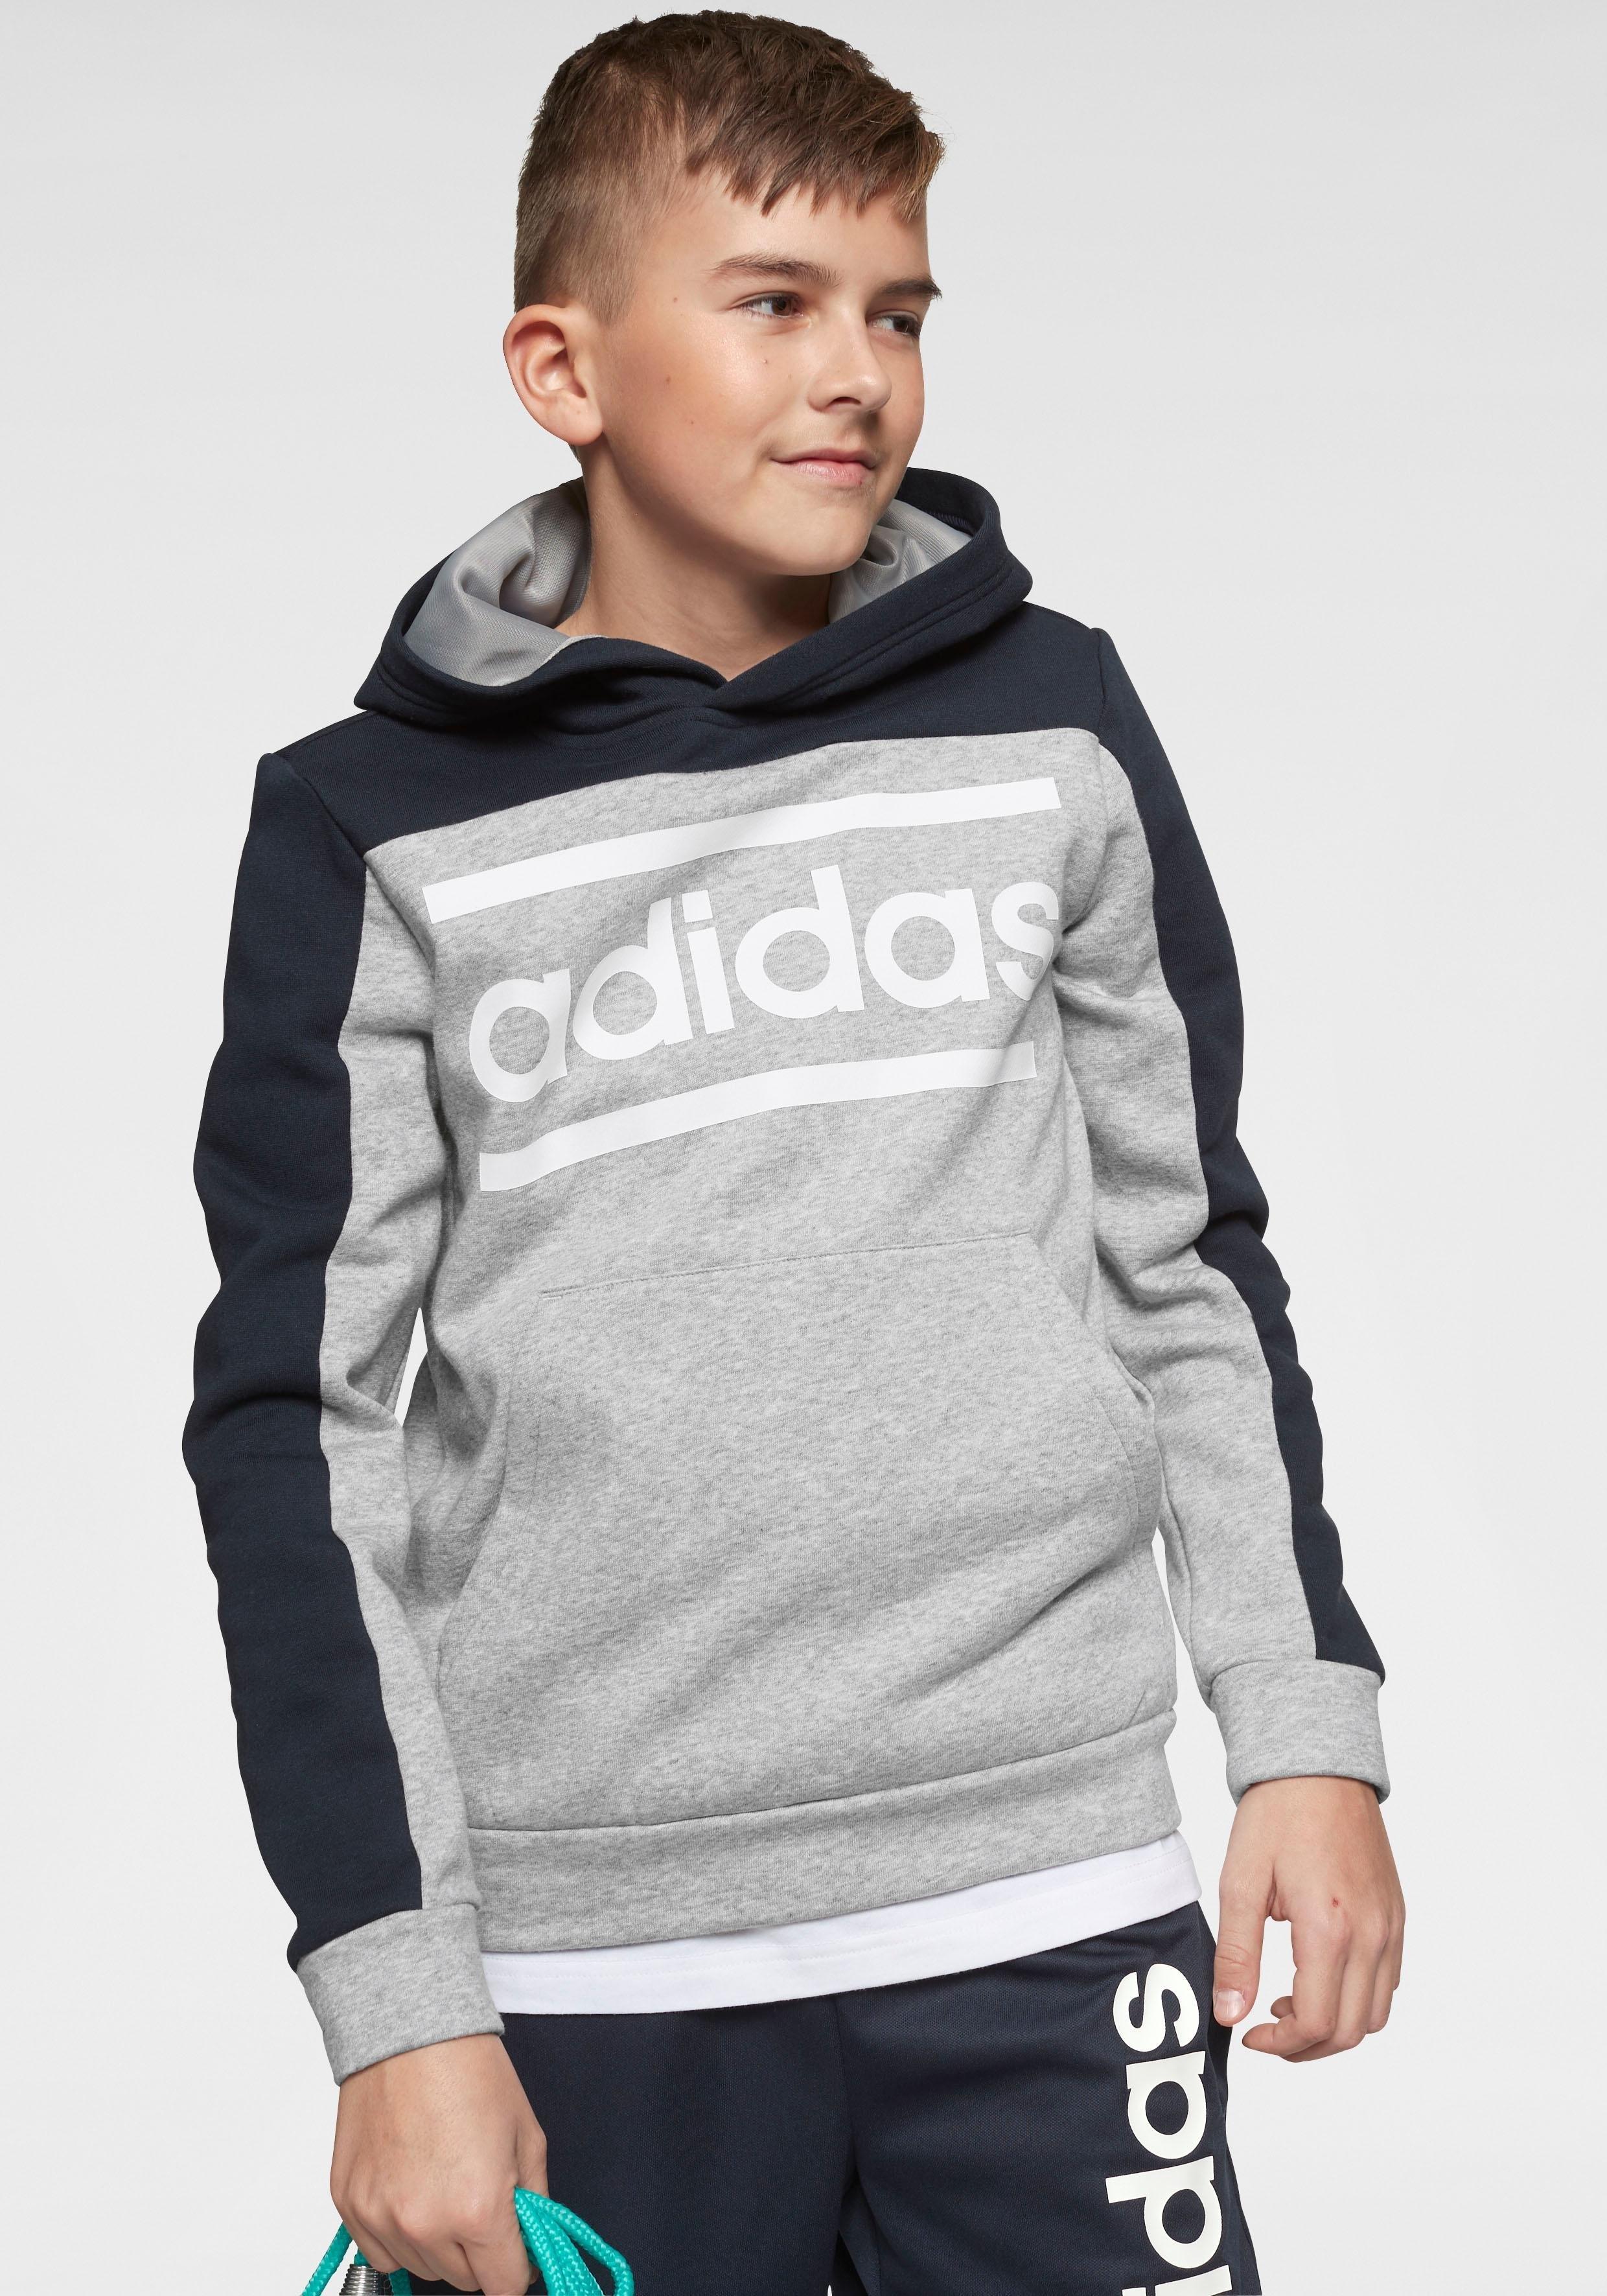 adidas Performance adidas hoodie »ONE SERIES BOYS LINE COLORBLOCK HOODY« voordelig en veilig online kopen